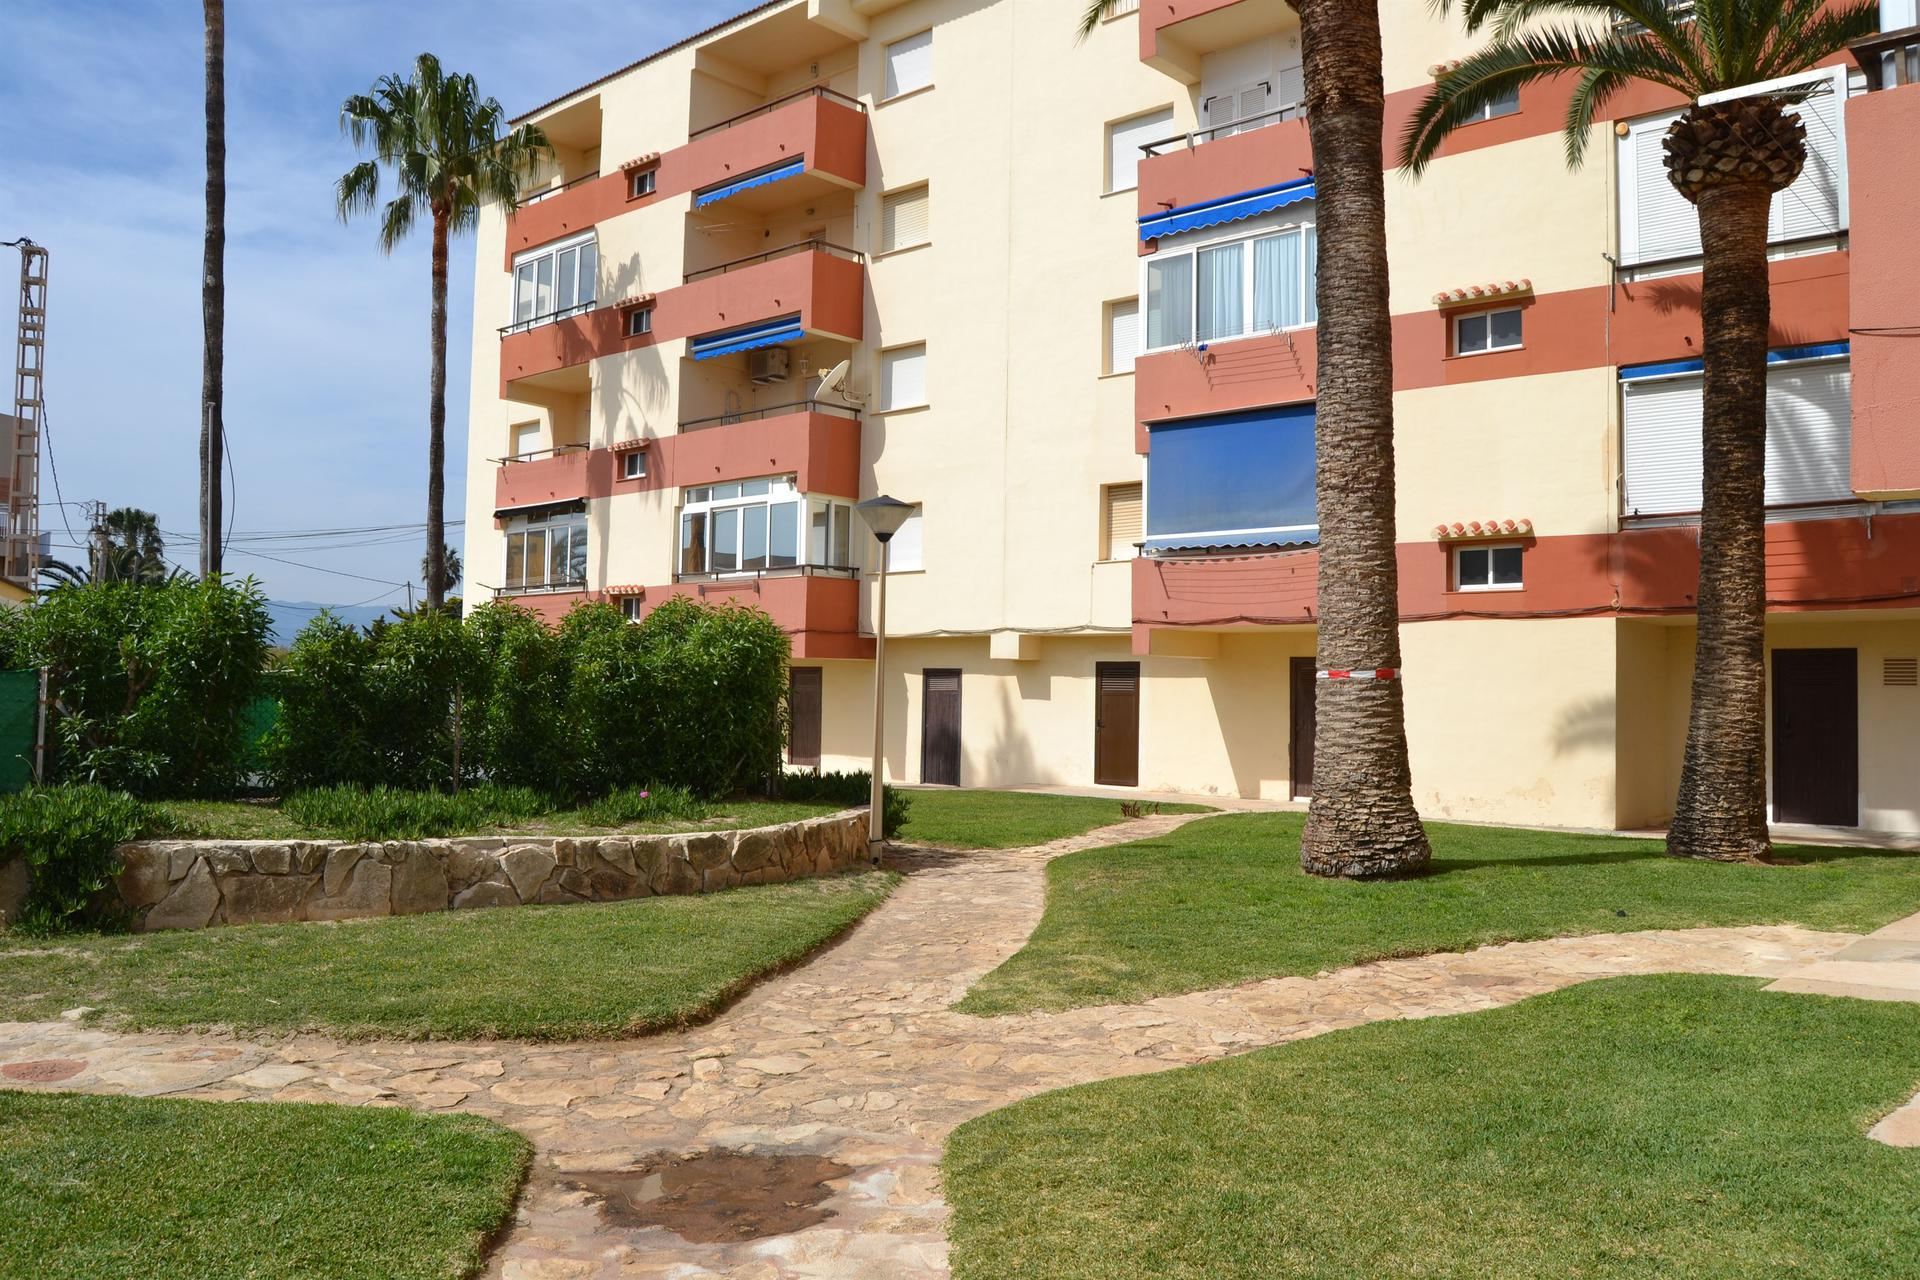 Deniasol es una inmobiliaria en denia de alquiler vacacional. Alquiler Apartamento en Denia - Ref. Eden Playa - Playa ...